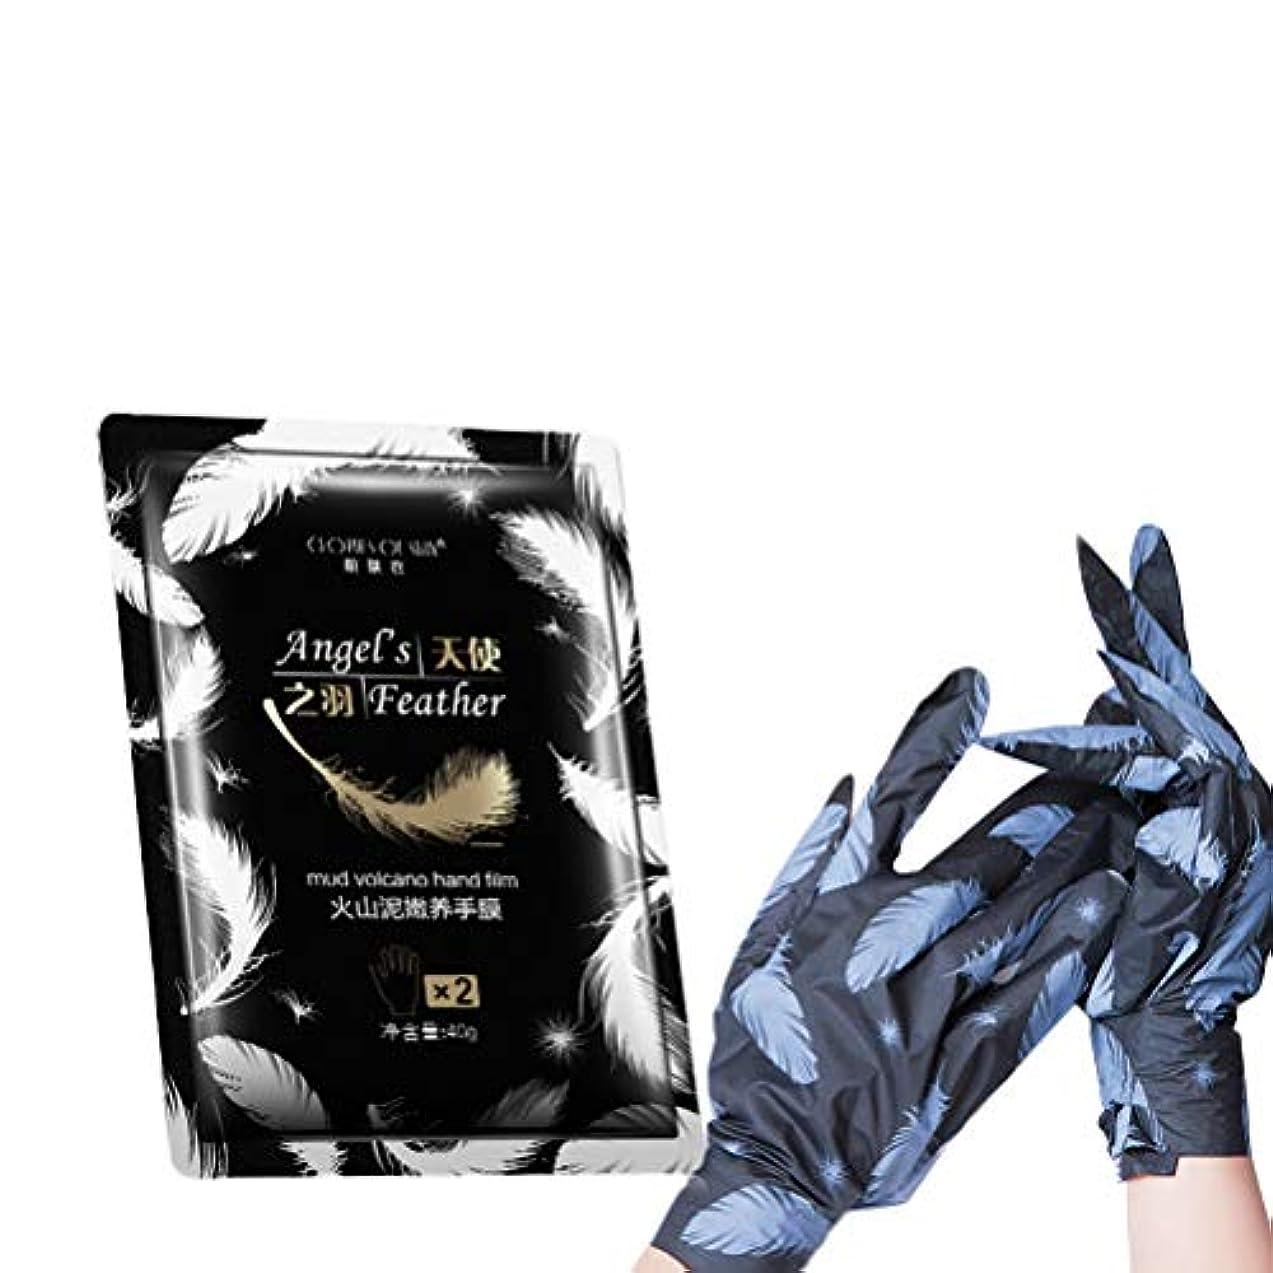 列挙する樹木日没SUPVOX 乾燥肌のための保湿ハンドマスク保湿手袋栄養補給のためのハンドケアホワイトニング